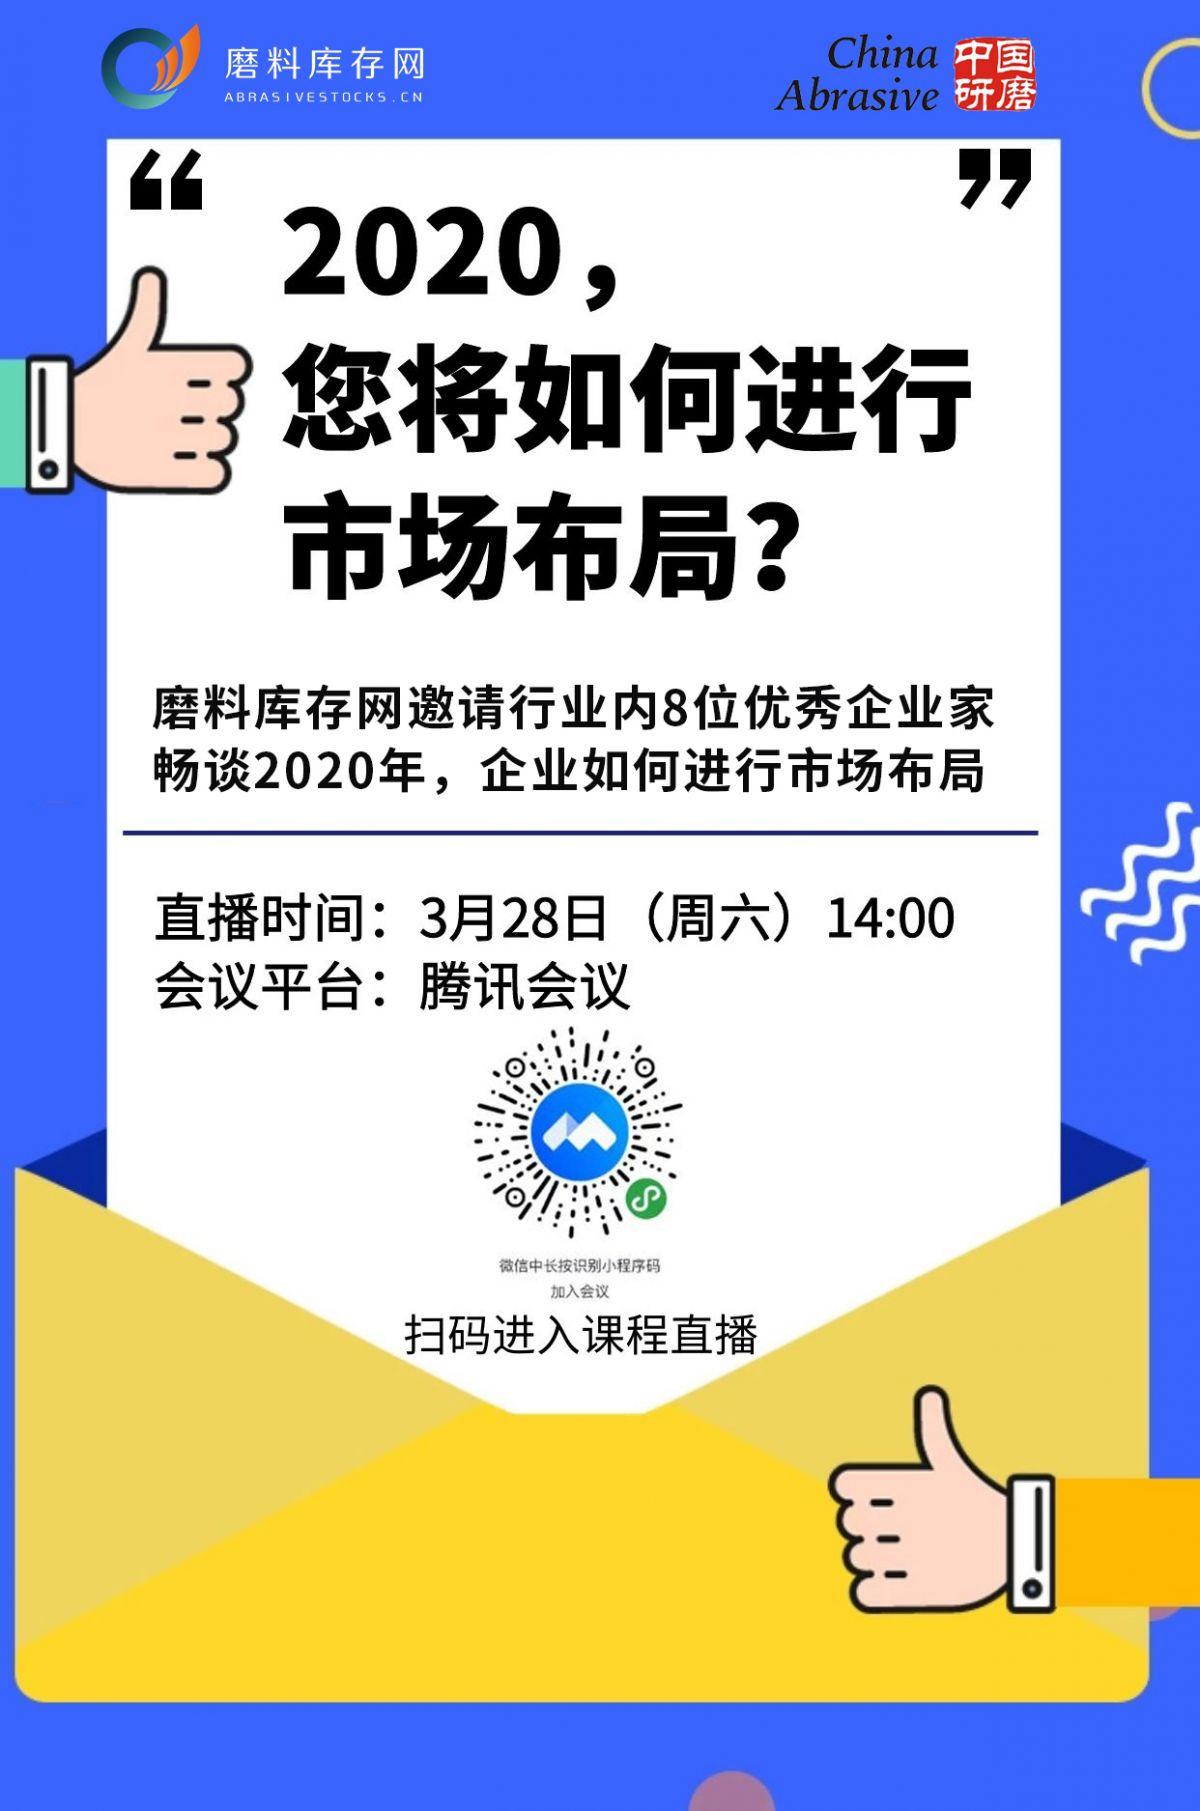 沁阳市谢建利_周六直播交流会——2020年,